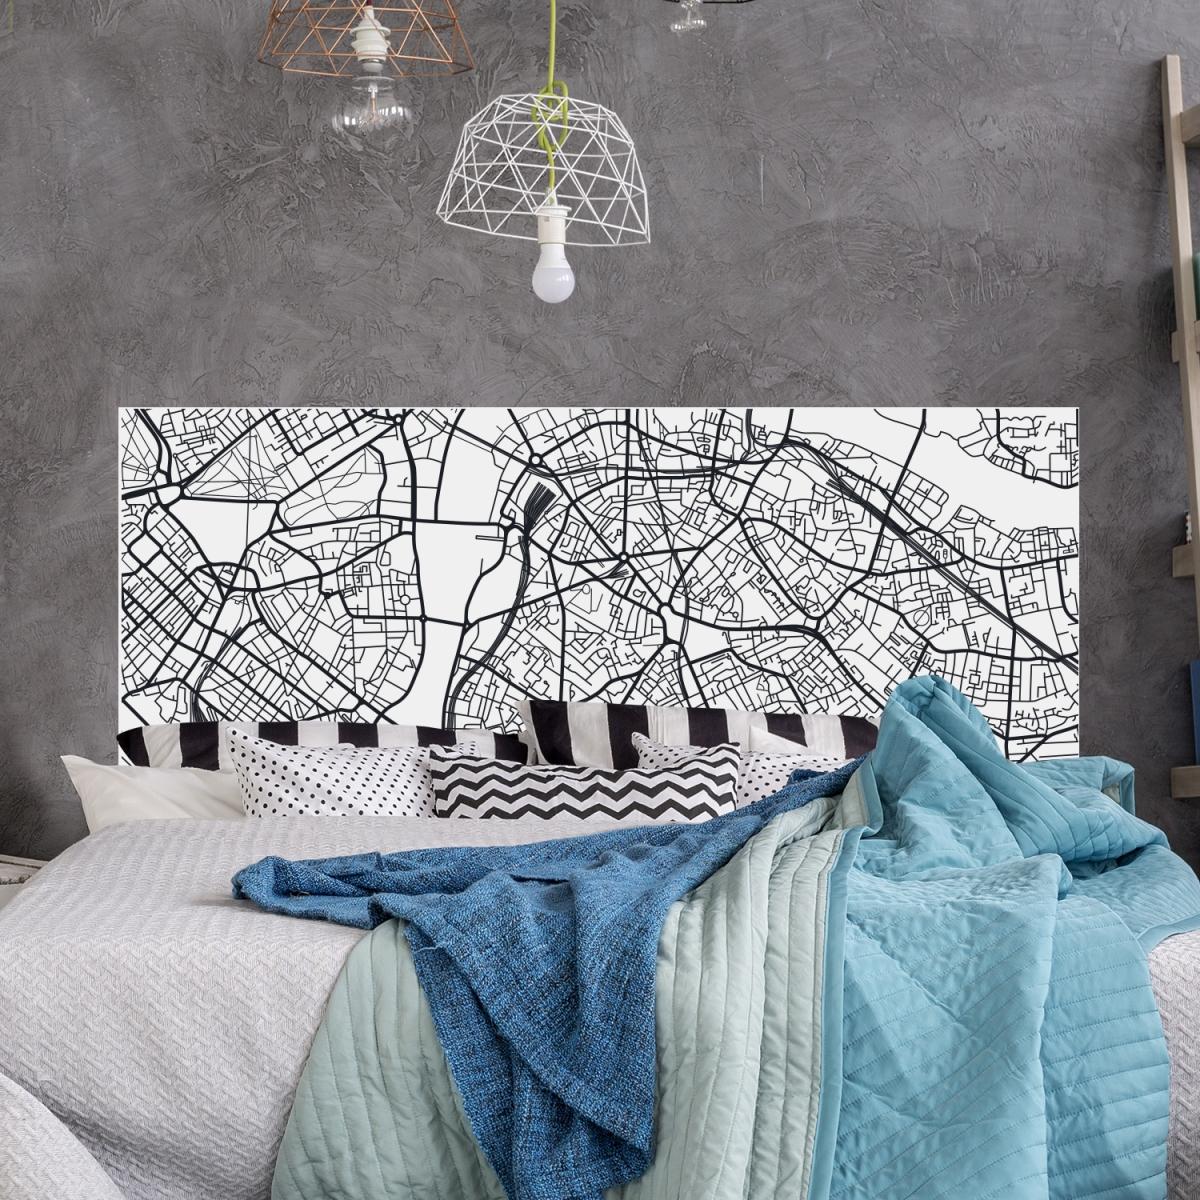 Décoration de chambre industrielle avec un pland e Paris en noir et blanc en guise de tête de lit.